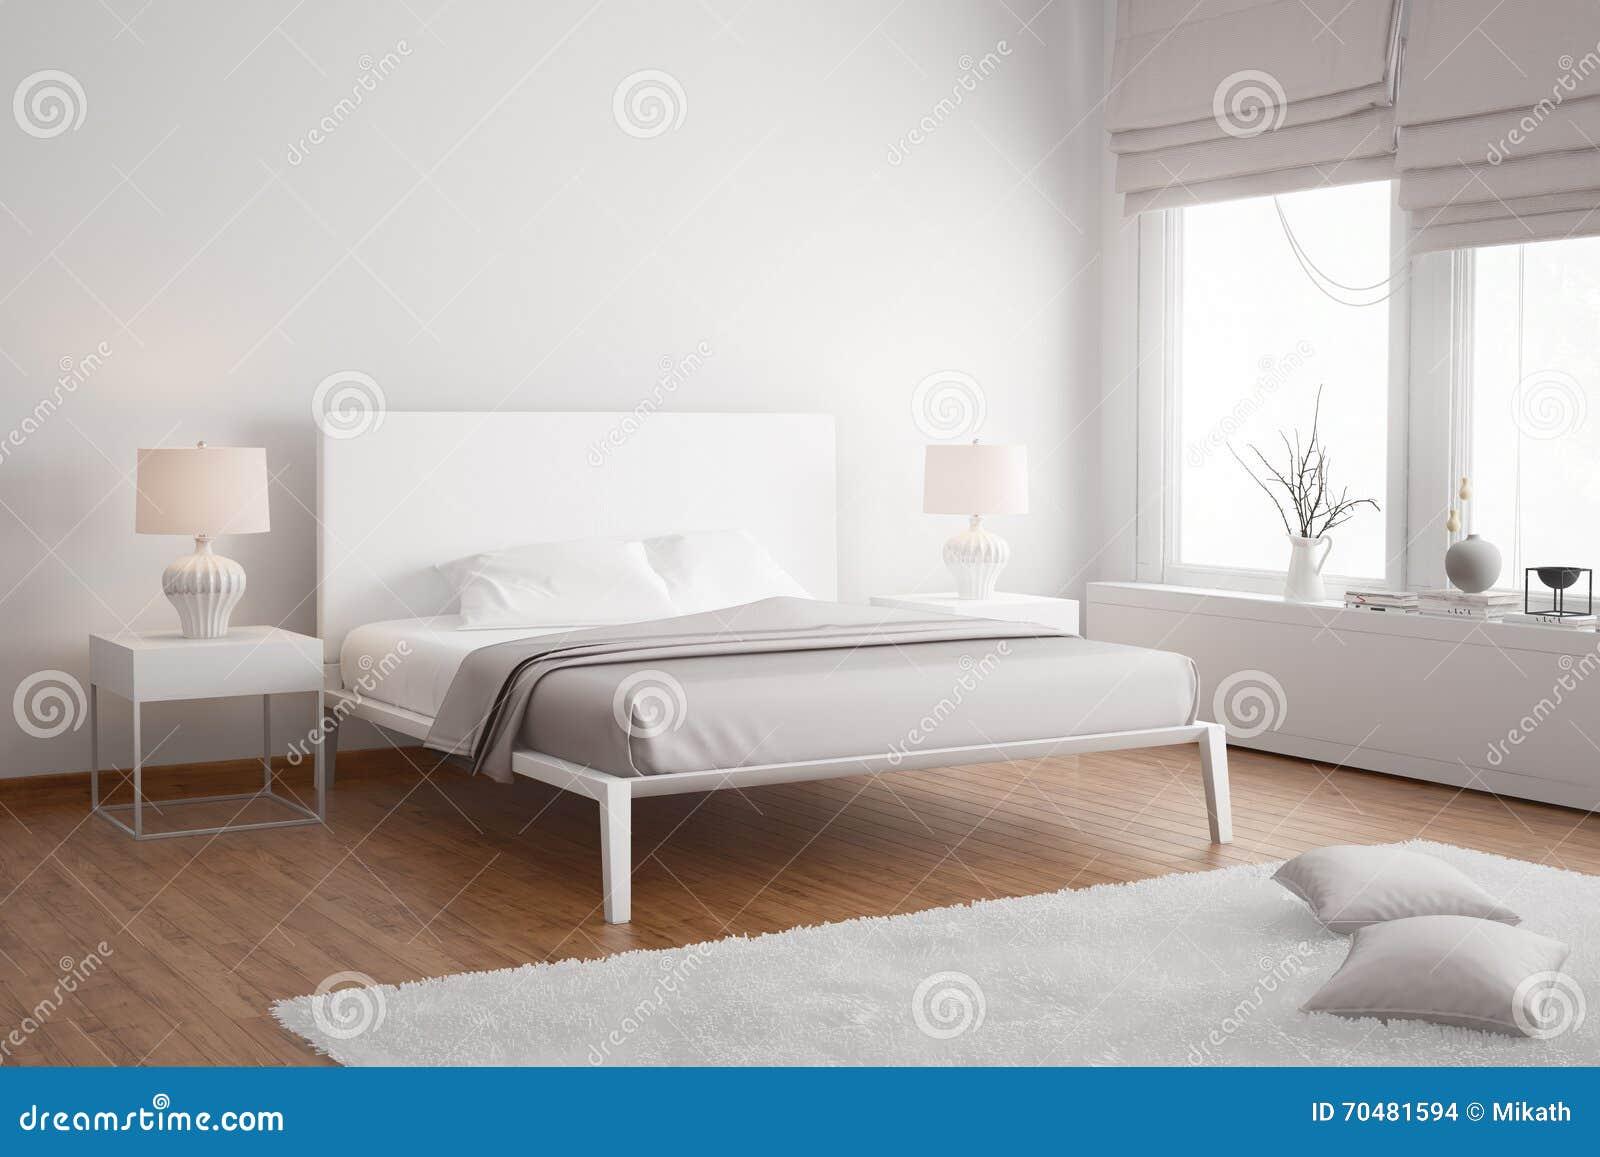 Modernes Weißes Zeitgenössisches Schlafzimmer Stock Abbildung ...